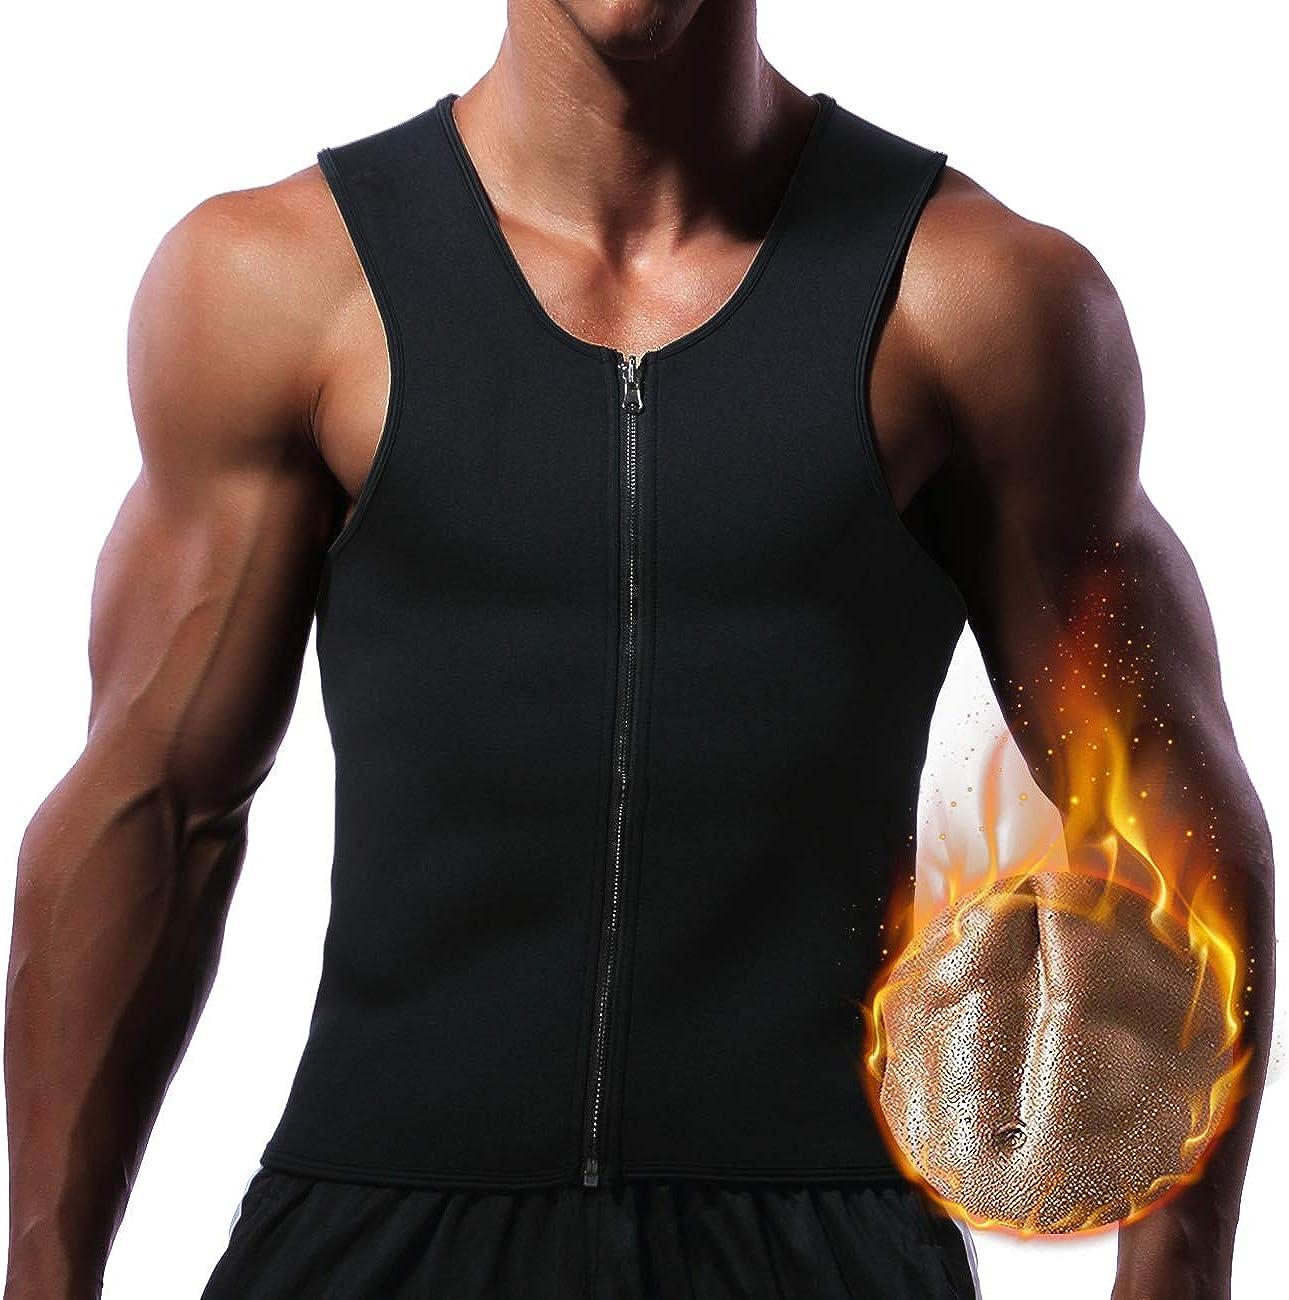 Men/'s Waist Trainer Vest for Weight Loss Sauna Hot Neoprene Body Shaper Tank Top